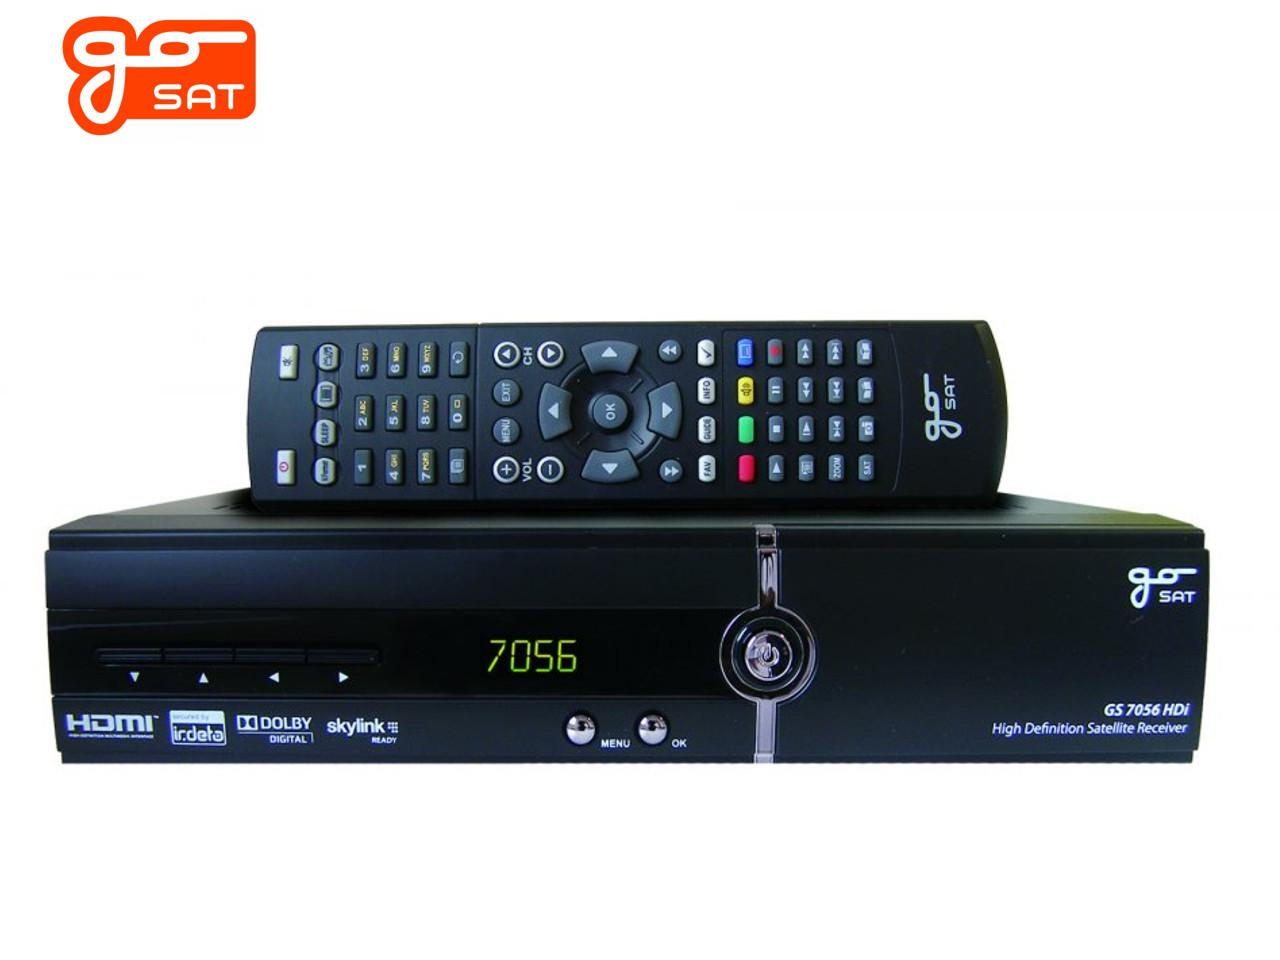 GoSAT GS-7056 HDi + 100 Kč na dárky nebo další nákup | CHAT on-line podpora PO-PÁ 8-22.00!!